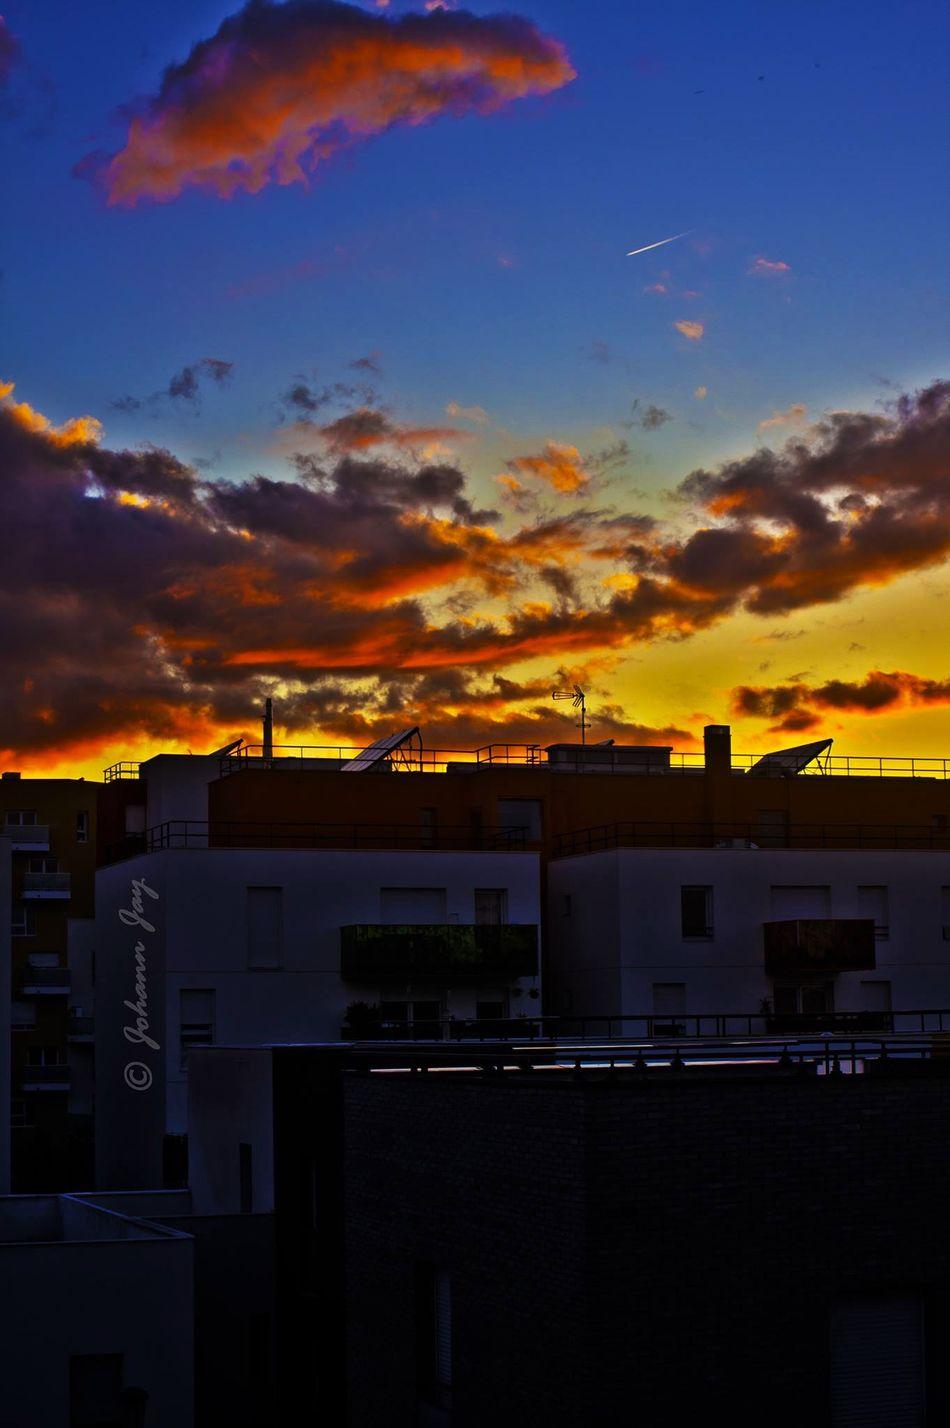 Coucher De Soleil Ciel Ciel Flamboyant Sur La Ville  Urban Geometry Arbunisme Ambiance Du Soir Lumière Du Soir Entre Ombre Et Lumiere Crépuscule